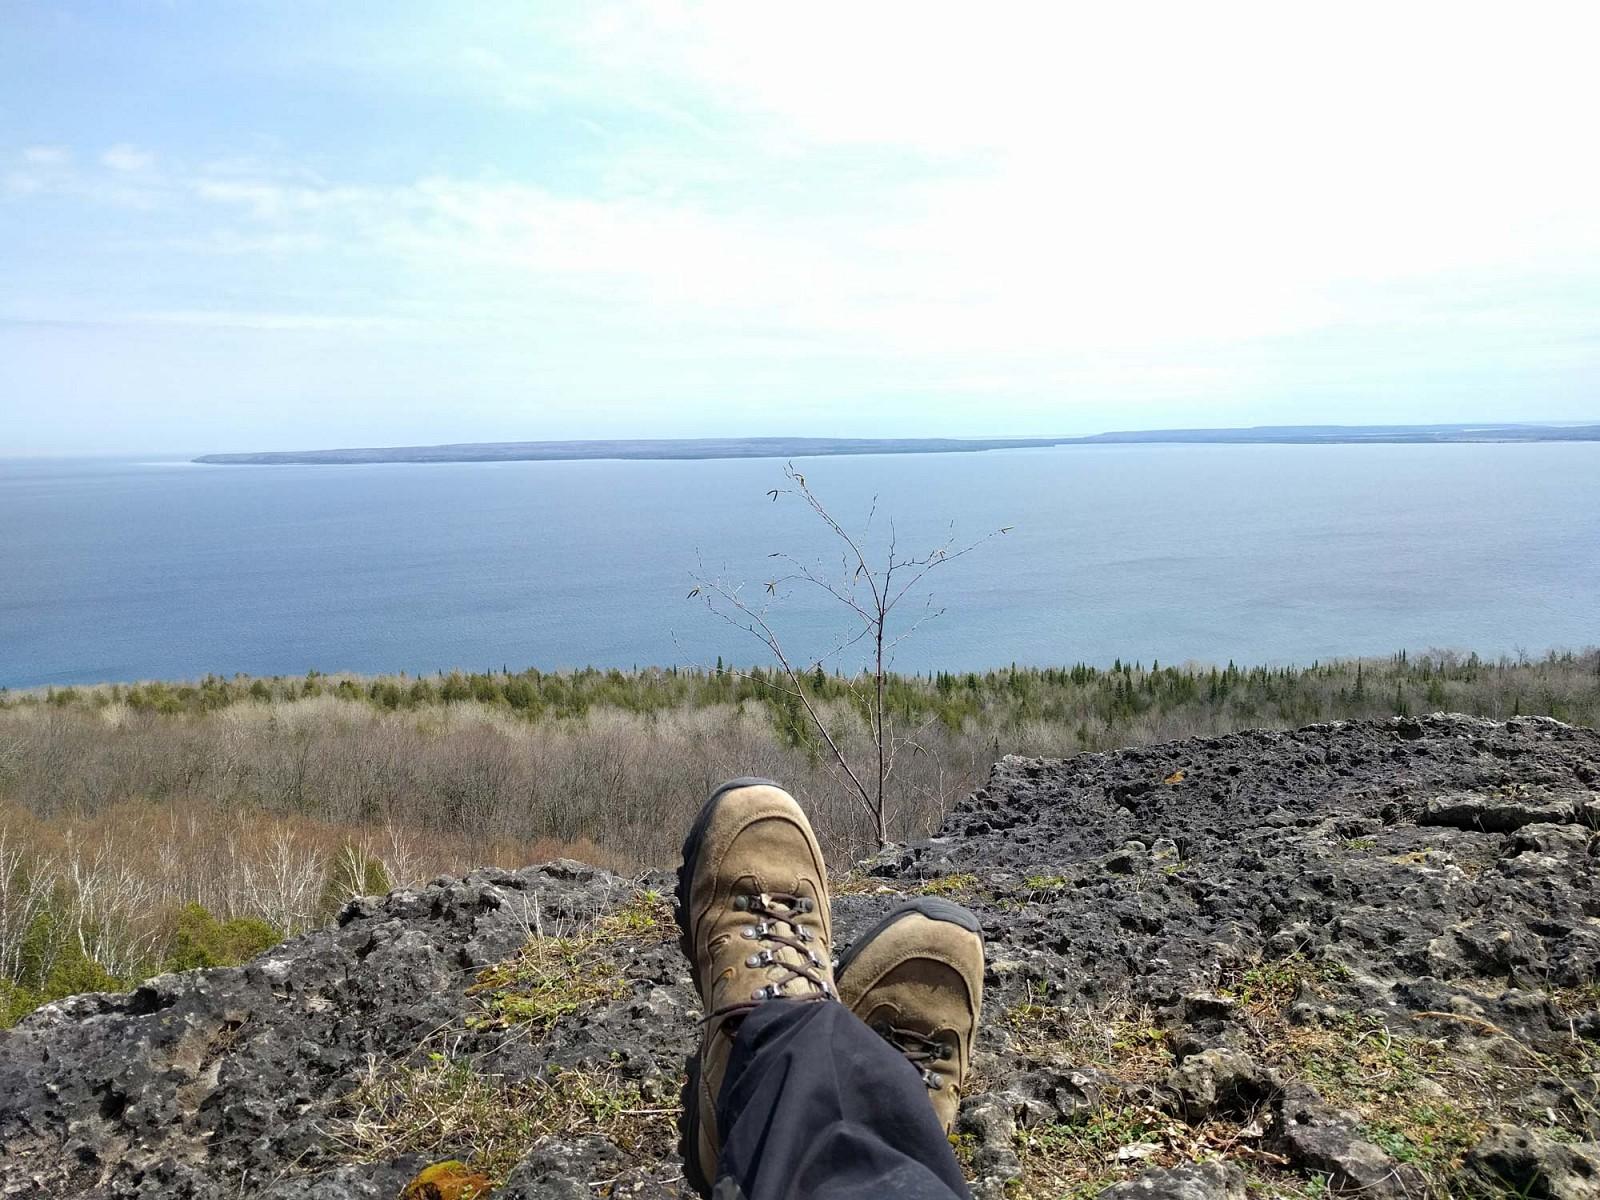 pRedakteurin-Ricarda-war-in-Northern-Bruce-Peninsula-Ontario-Kanada-unterwegs-Hier-verlaumluft-der-noumlrdlichste-Abschnitt-des-ca-900-km-langen-undnbspaumlltesten-oumlffentlich-zugaumlnglichen-Wanderwegs-des-LandesnbspdernbspBruce-TrailppDieses-Bild-entstand-auf-dem-Jackson39s-Cove-Lookout-Ich-saszlig-hier-sicherlich-eine-Stunde-lang-Nur-Wildnis-um-mich-herump